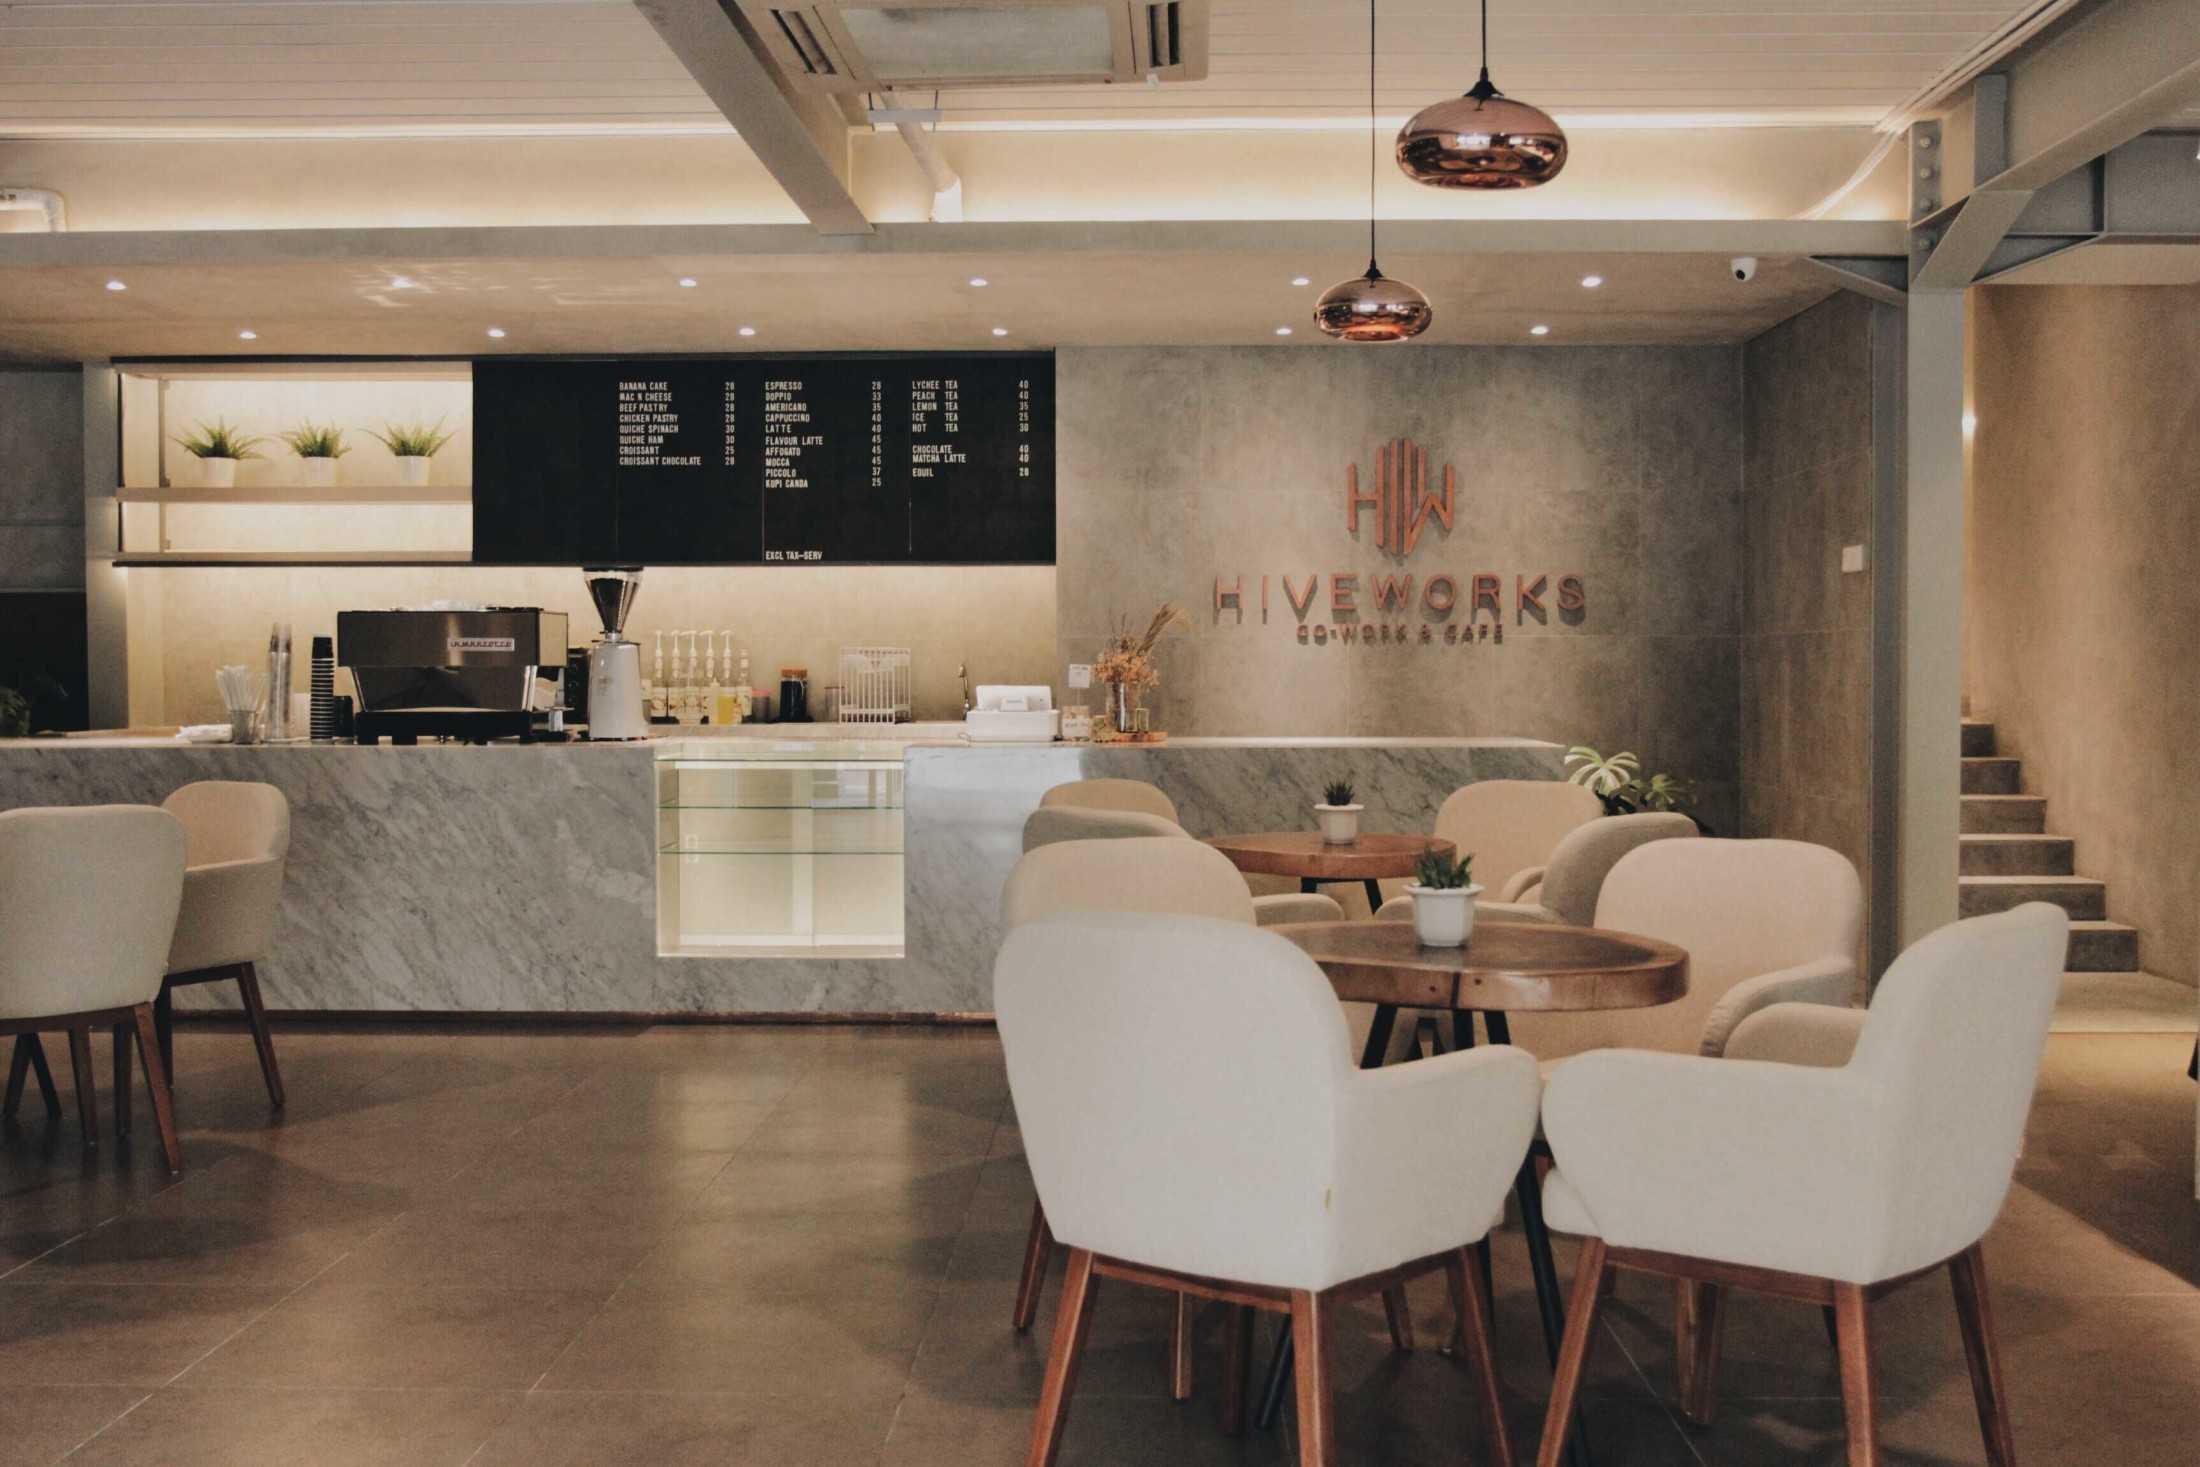 Desain Interior Coworking Space Dilengkapi Kafe Kekinian untuk Milenial Kreatif Super Produktif | Foto artikel Arsitag